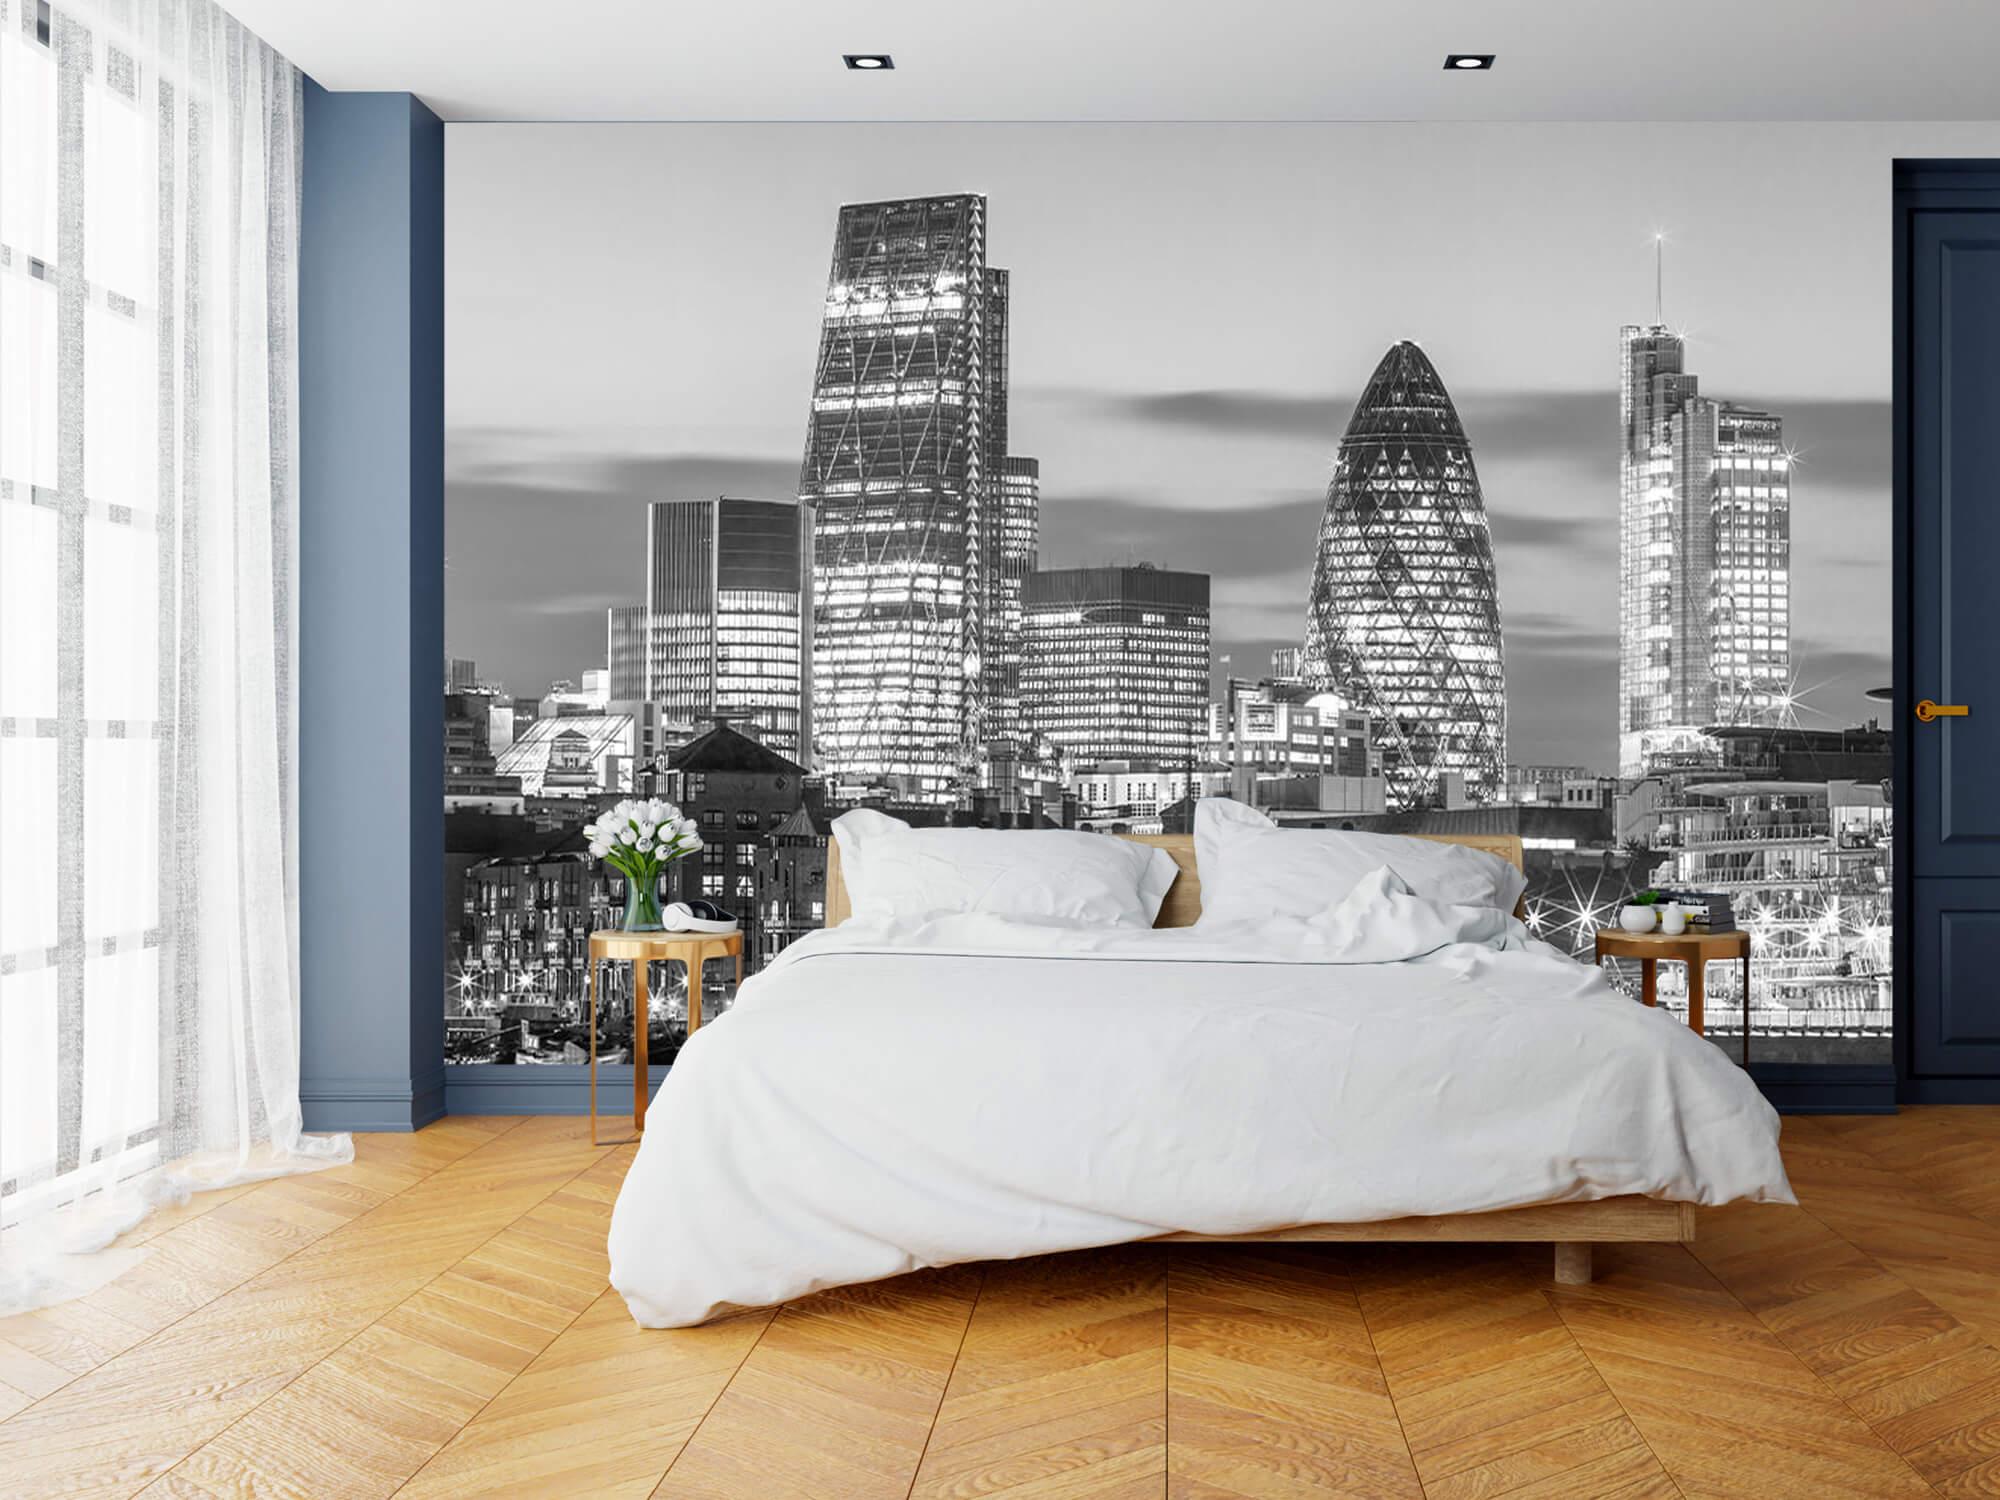 London Skyline 8